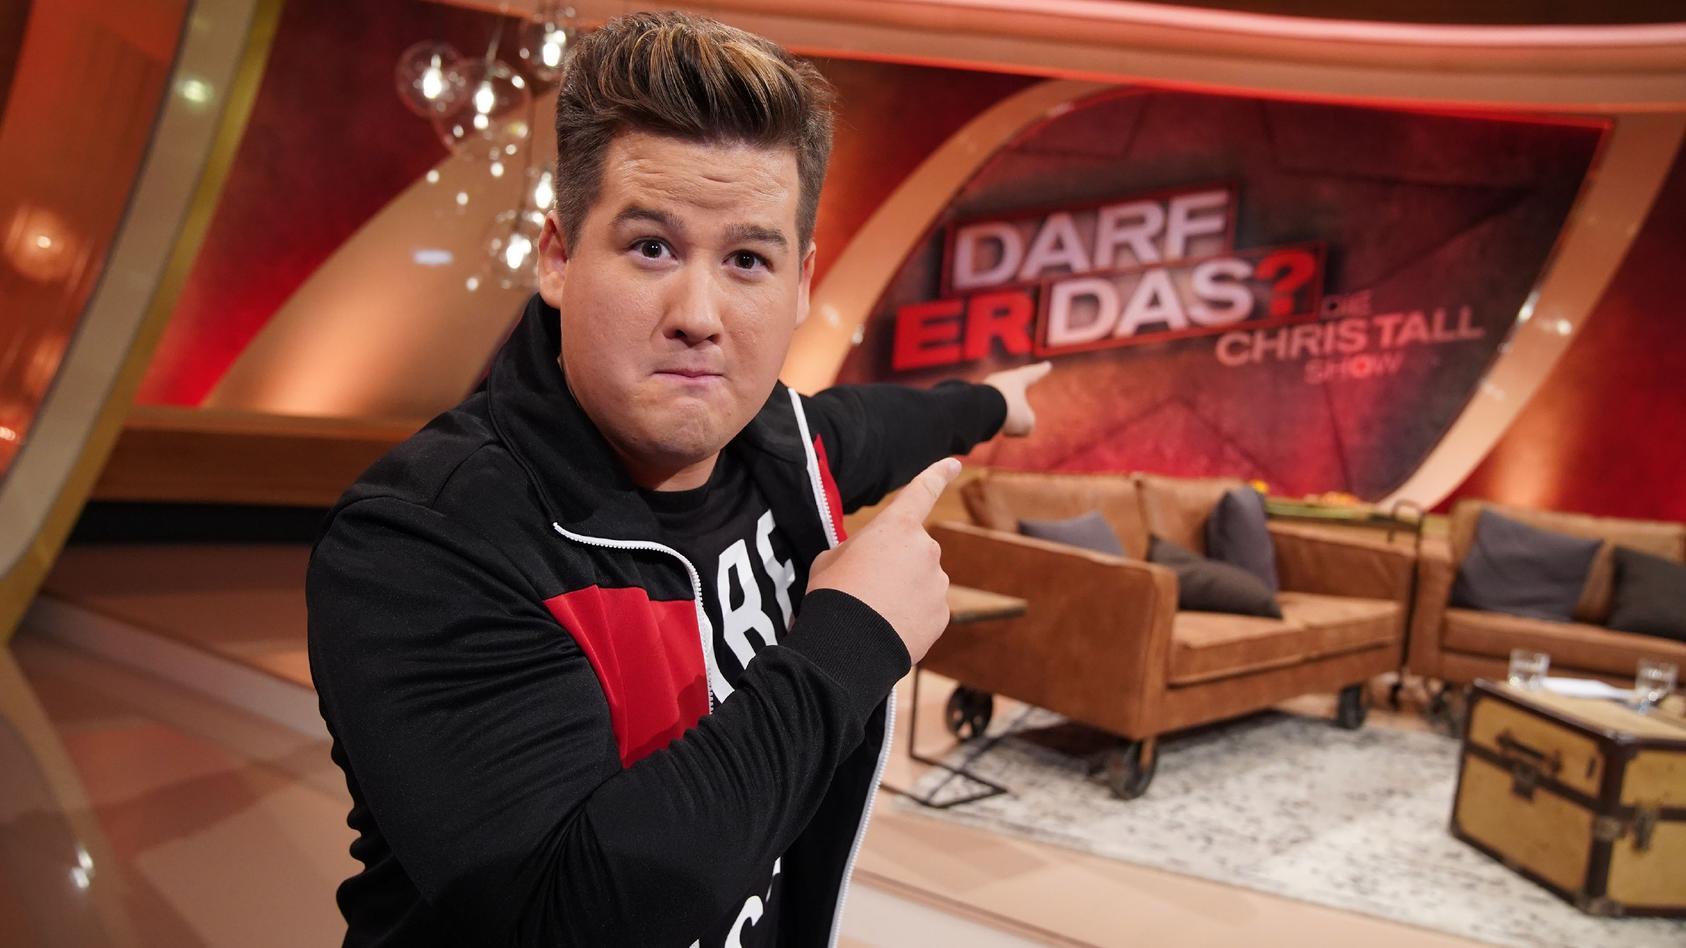 """Comedian Chris Tall bei seiner neuen Show """"Darf er das? - Die Chris Tall Show""""."""